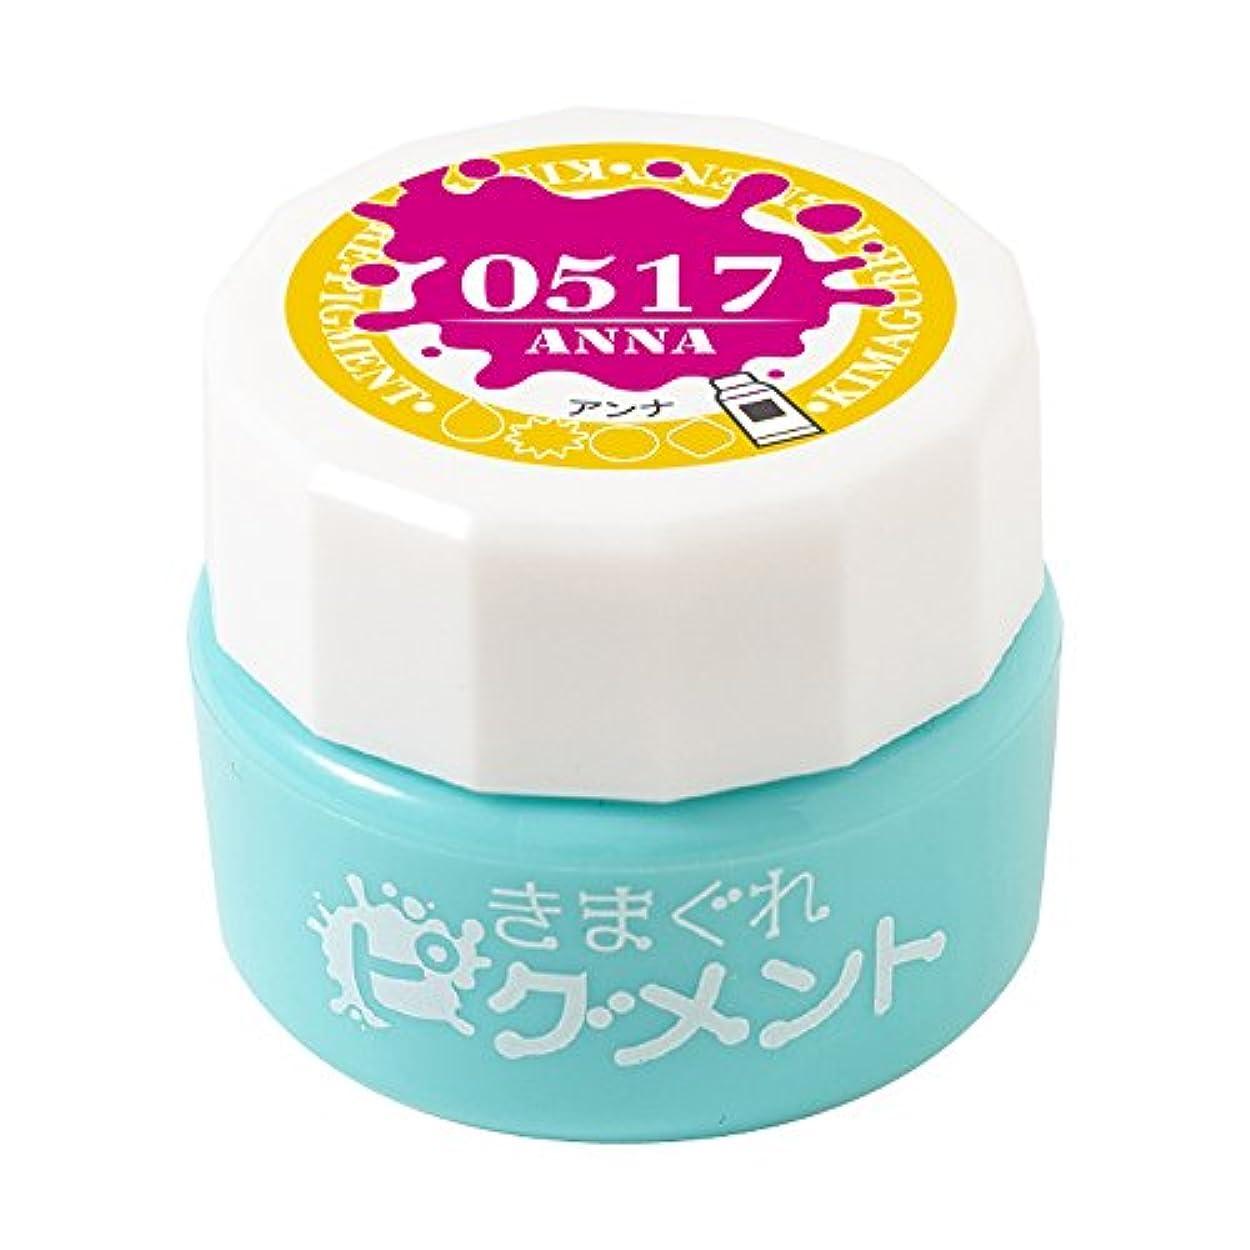 モート不機嫌敷居Bettygel きまぐれピグメント アンナ QYJ-0517 4g UV/LED対応